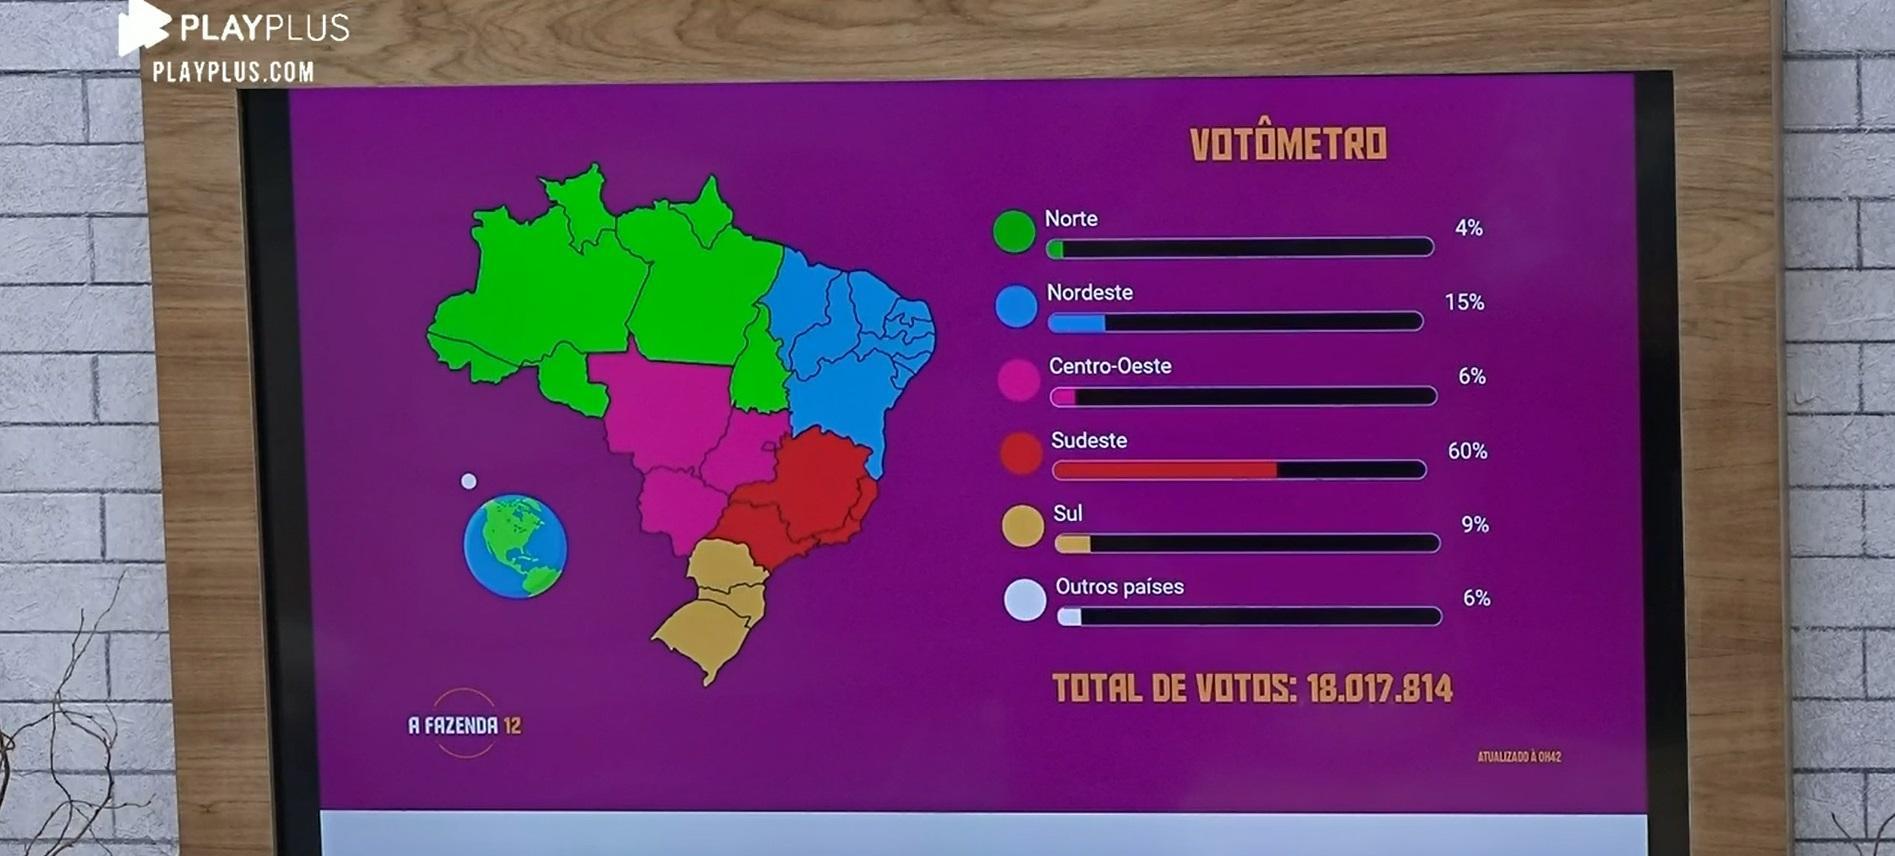 Imagem do votômetro de A Fazenda